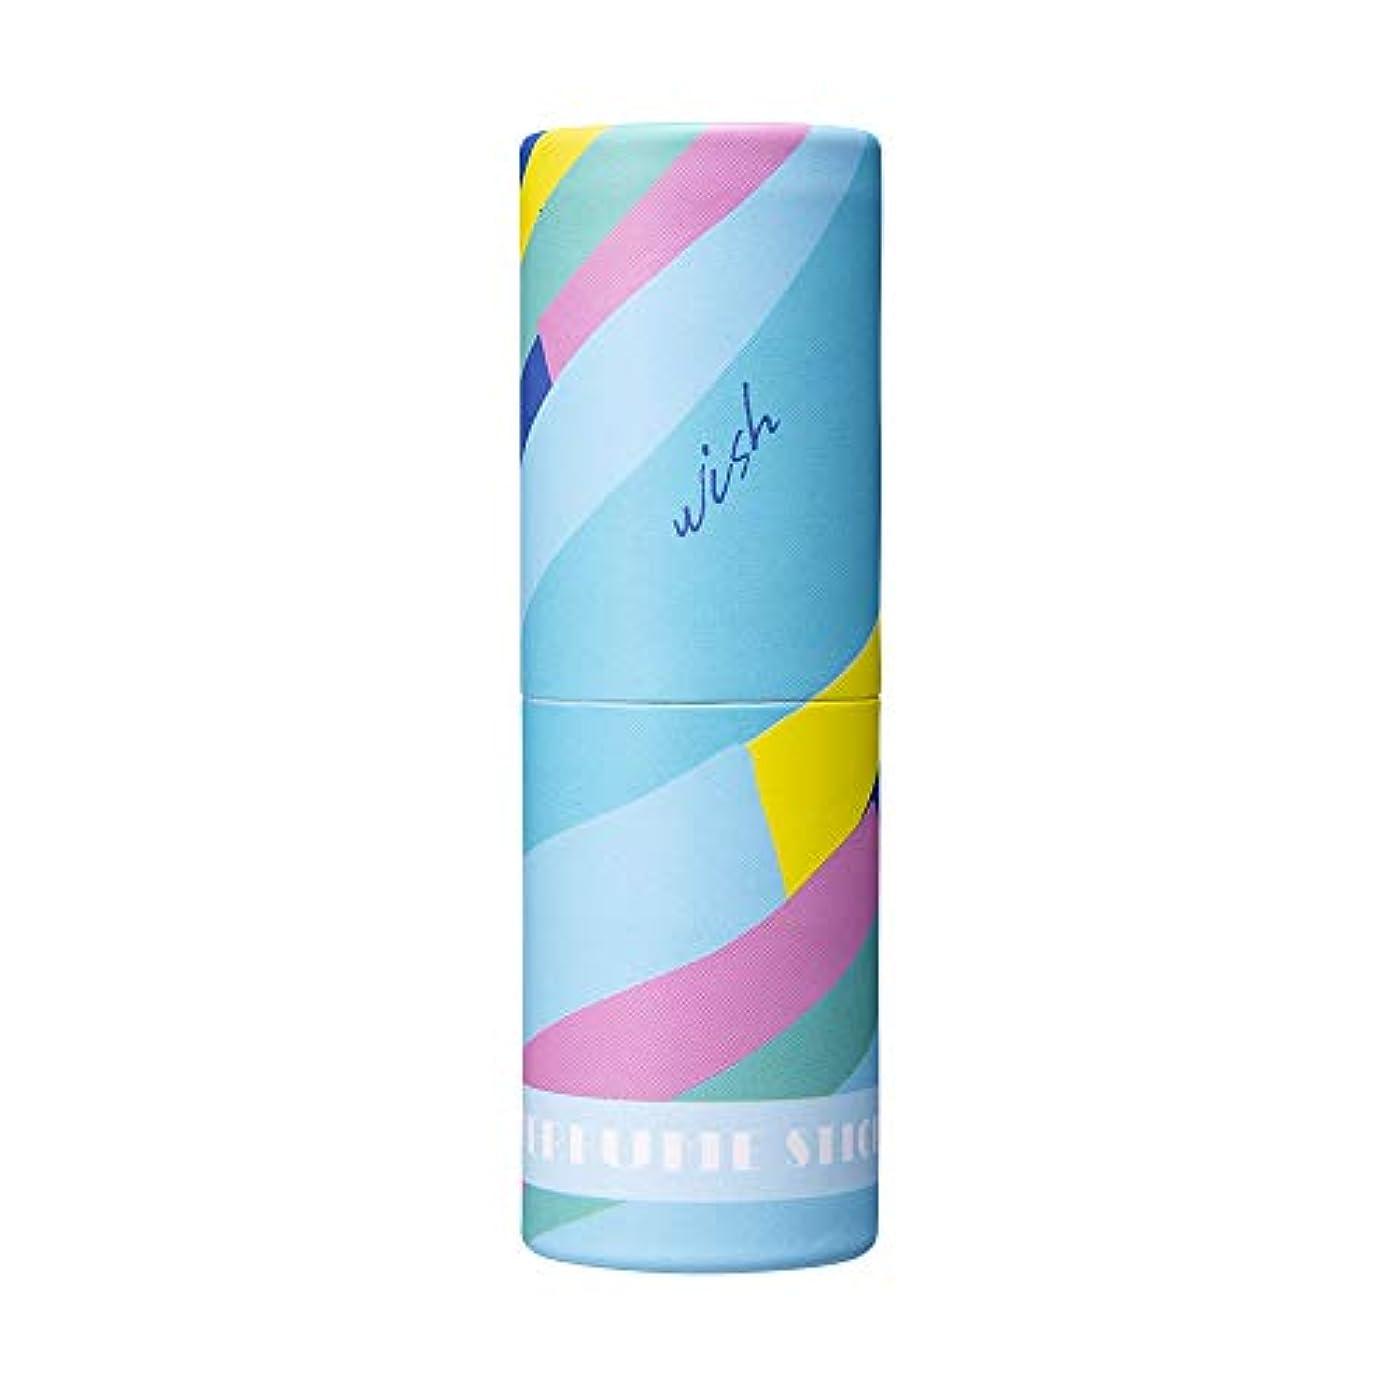 建物篭クランシーパフュームスティック ウィッシュ ホワイトフラワー&シャボンの香り オリジナルデザイン 5g